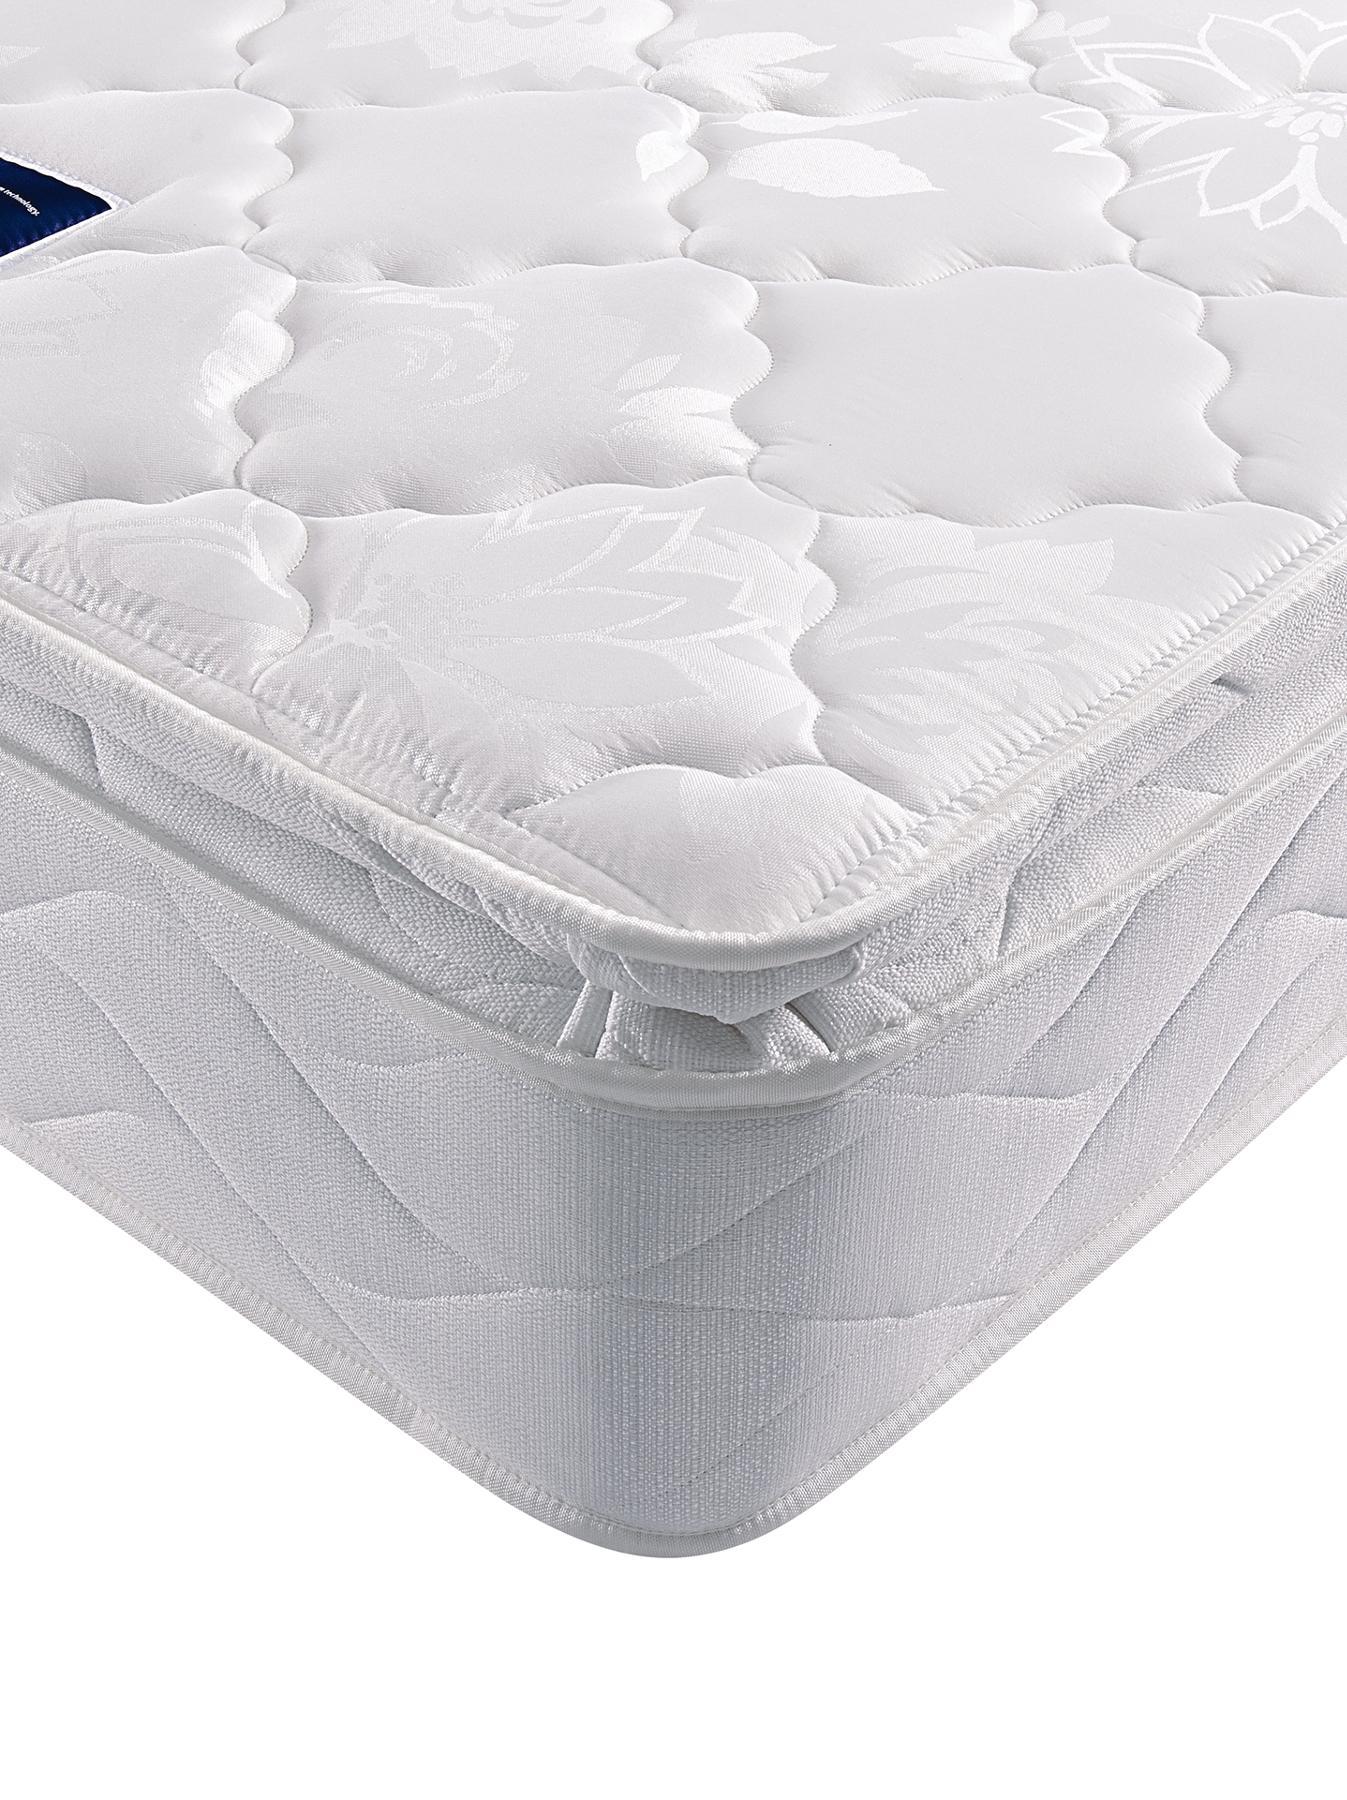 Deluxe Pillow Top Mattress - Medium Firm